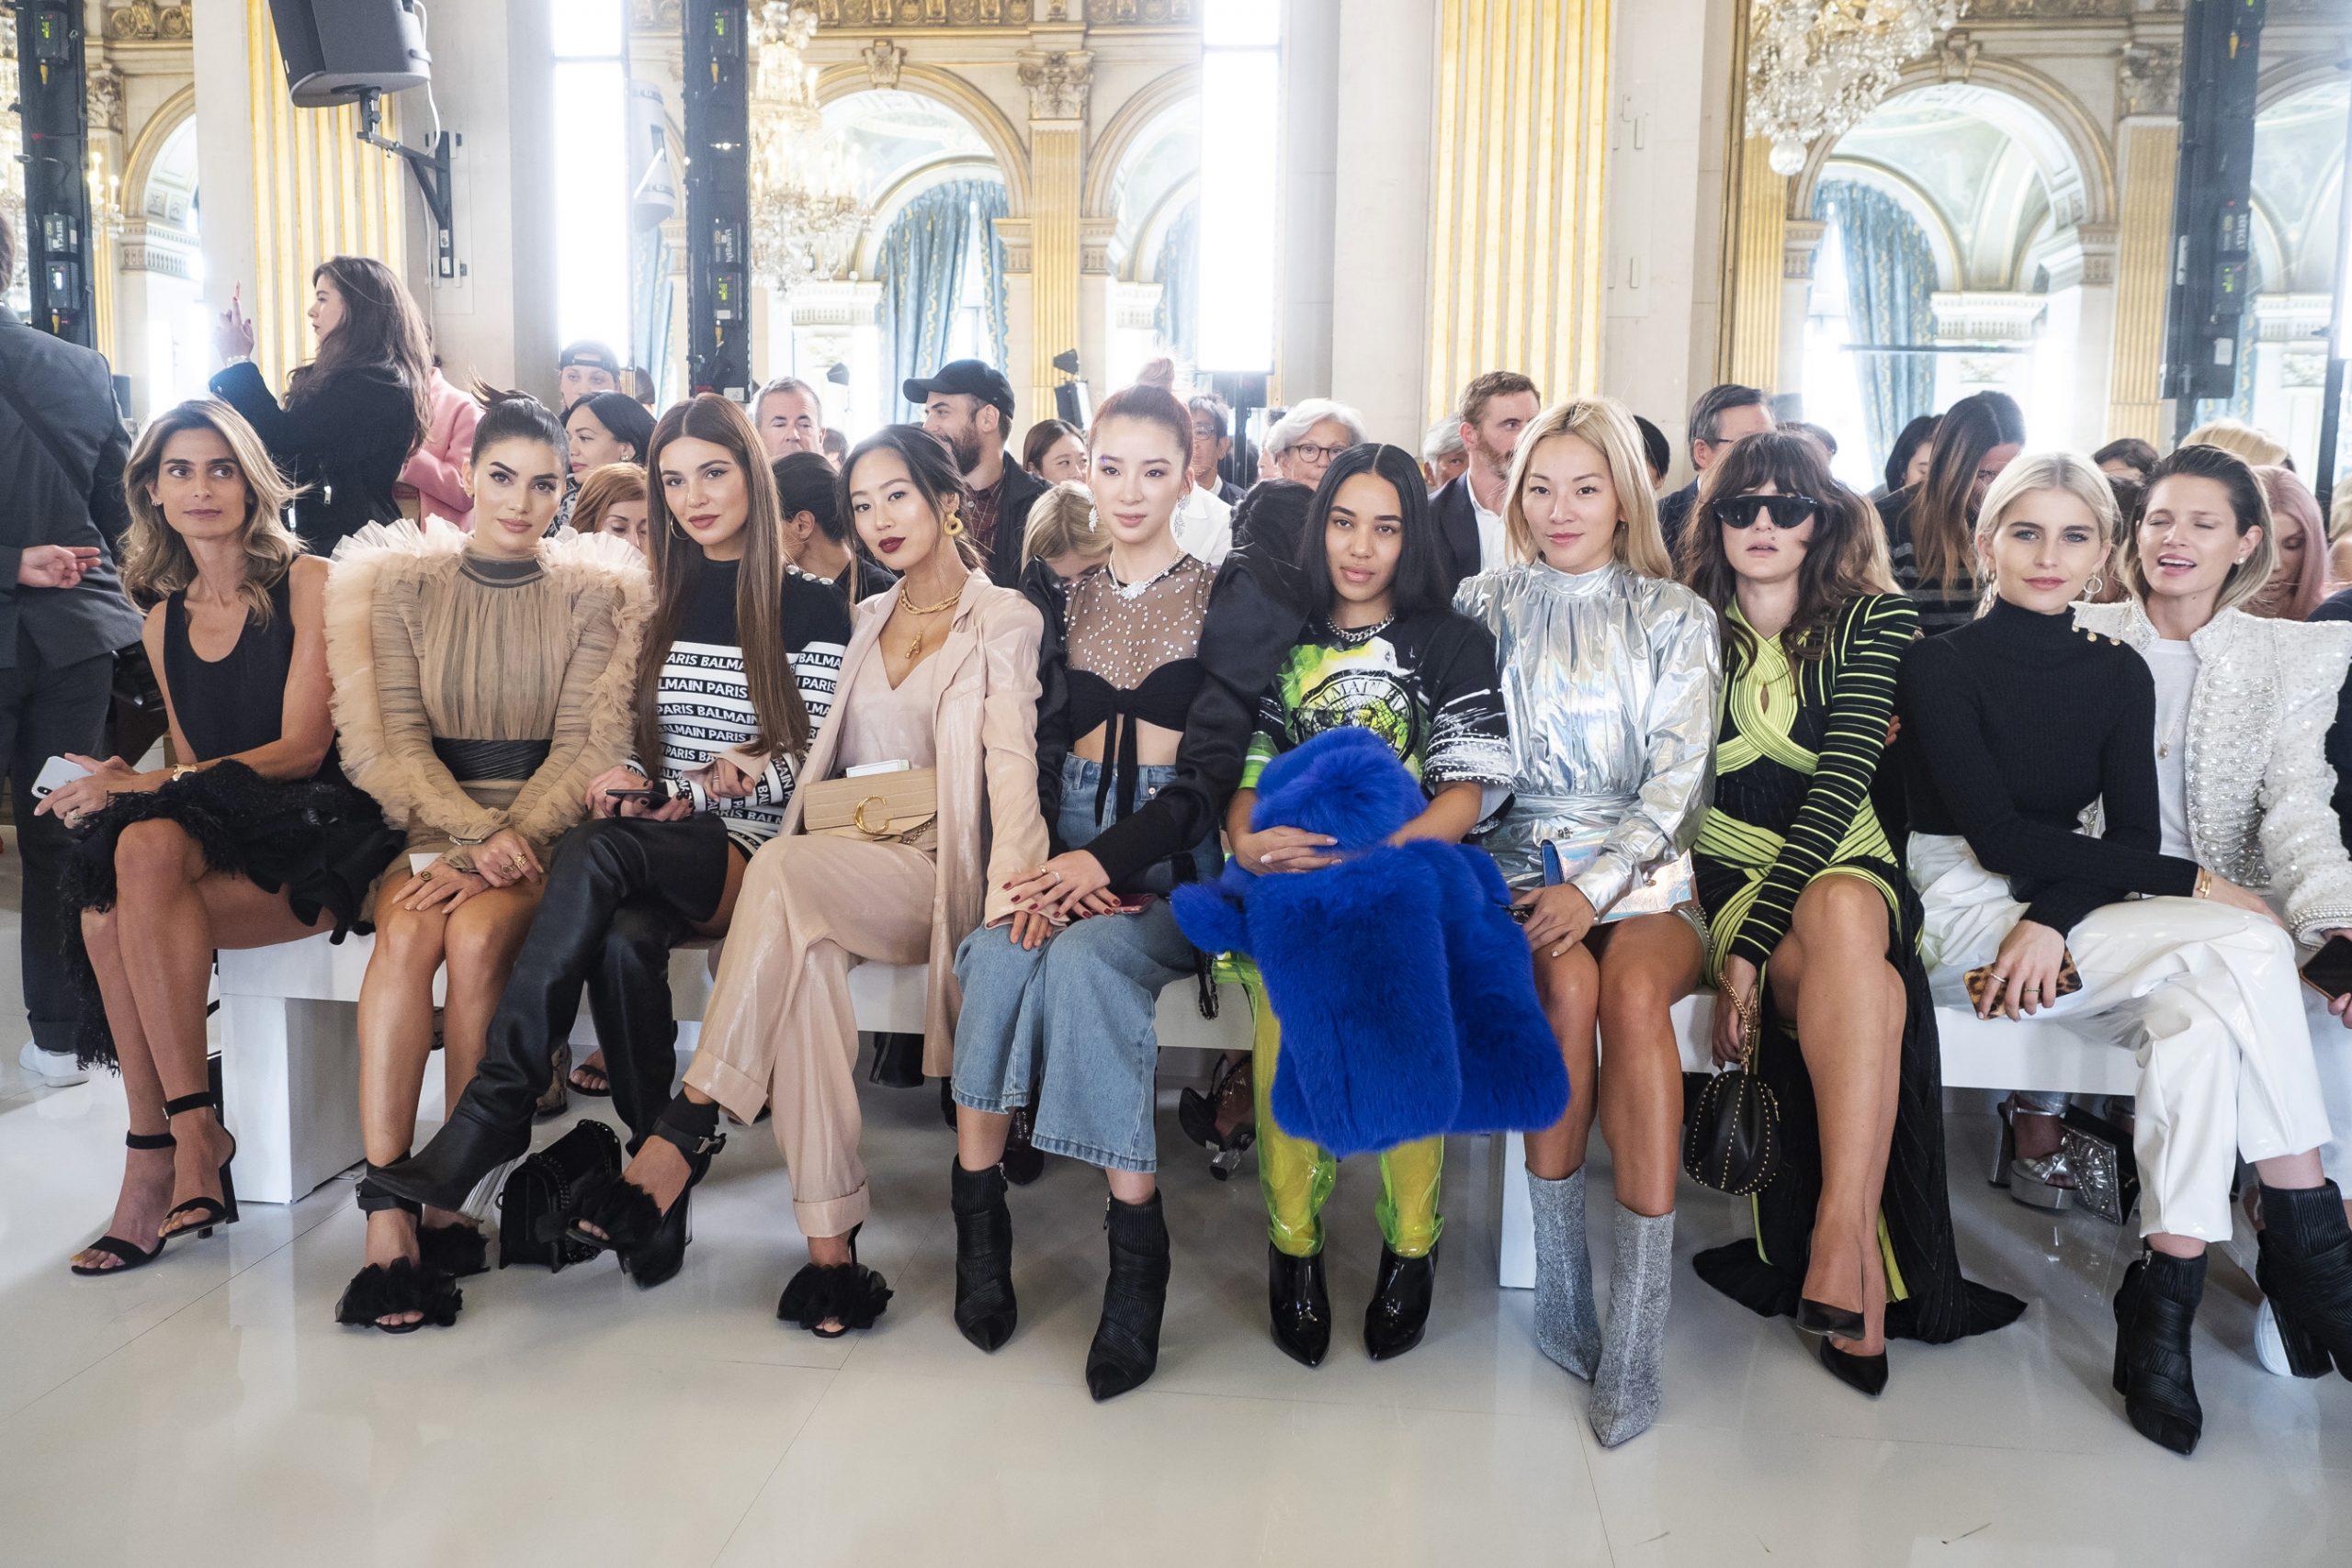 Who do fashion influencers influence?